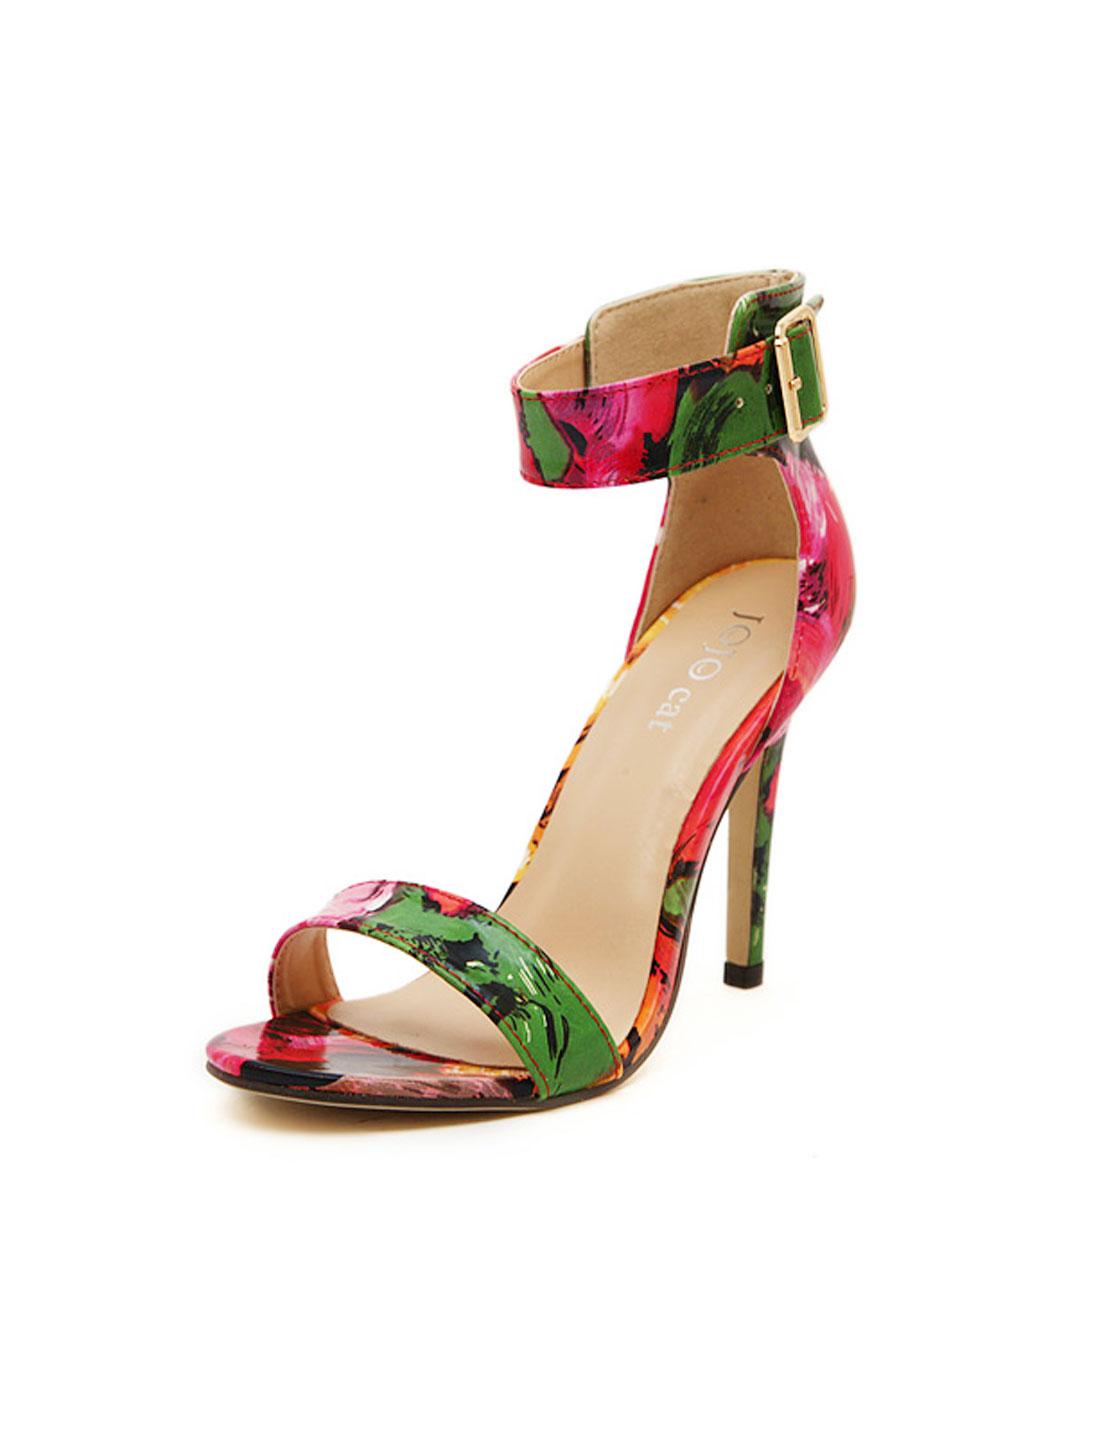 Women Floral Prints Open Toe Ankle Strap Sandals Multicolor US 8